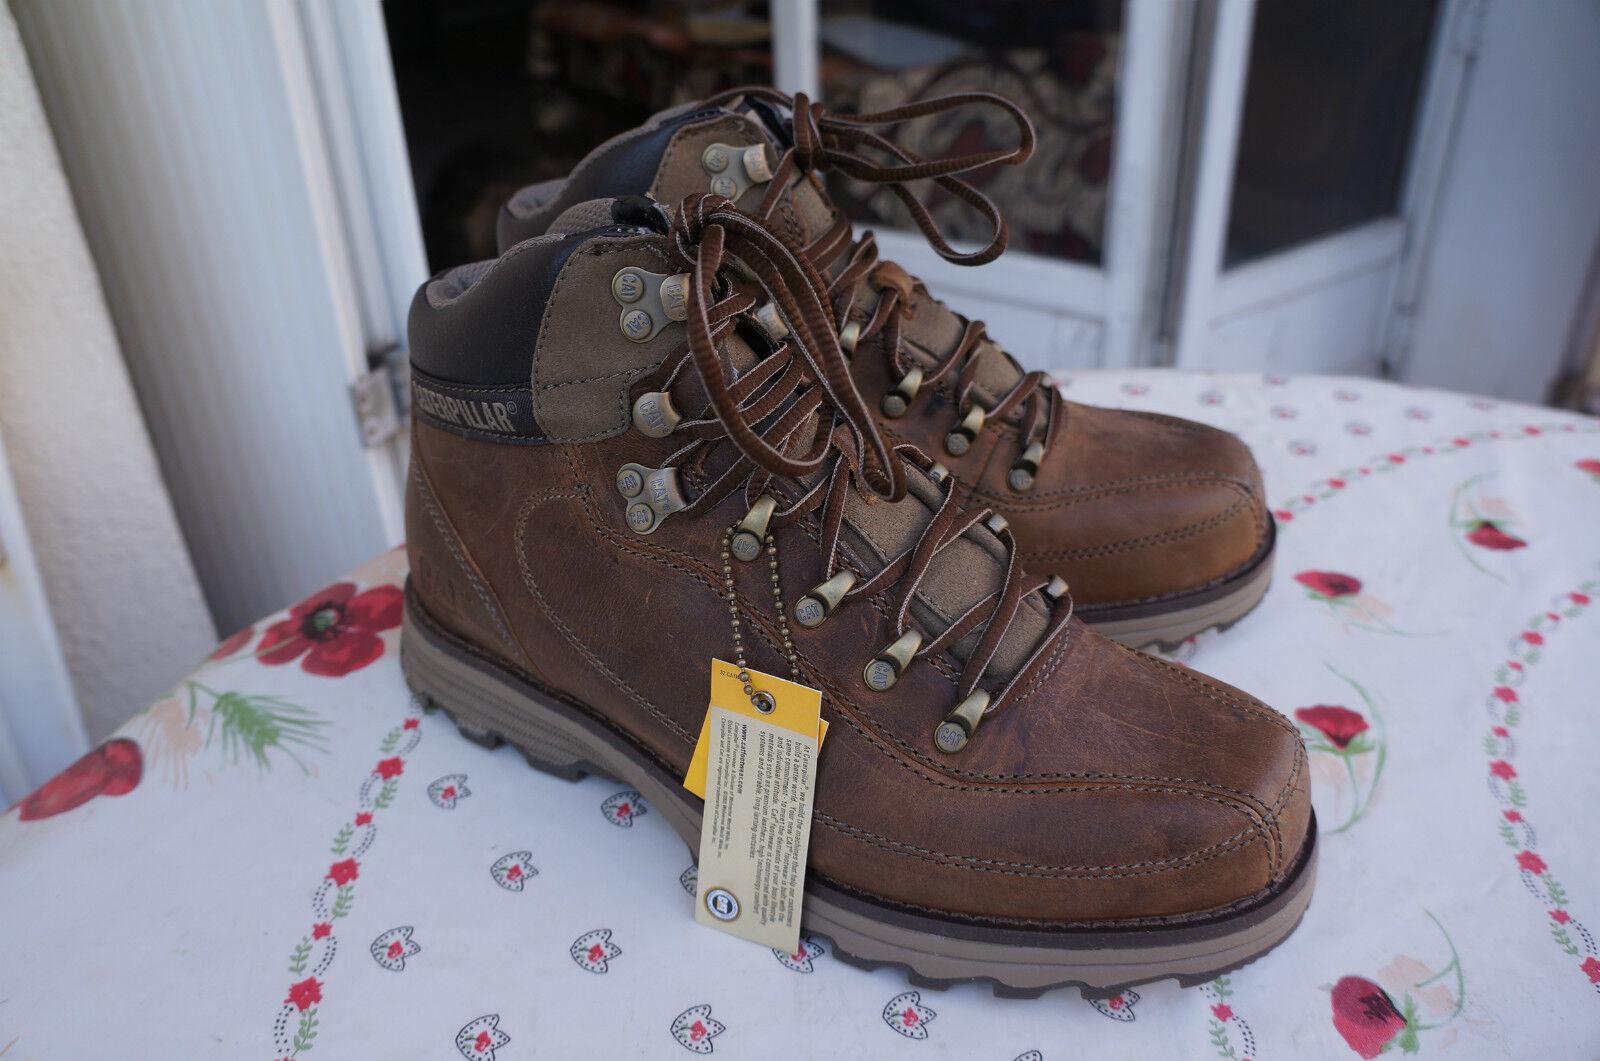 Cat Footwear Highbury, botas homme - marrón (Mens Desert), 40